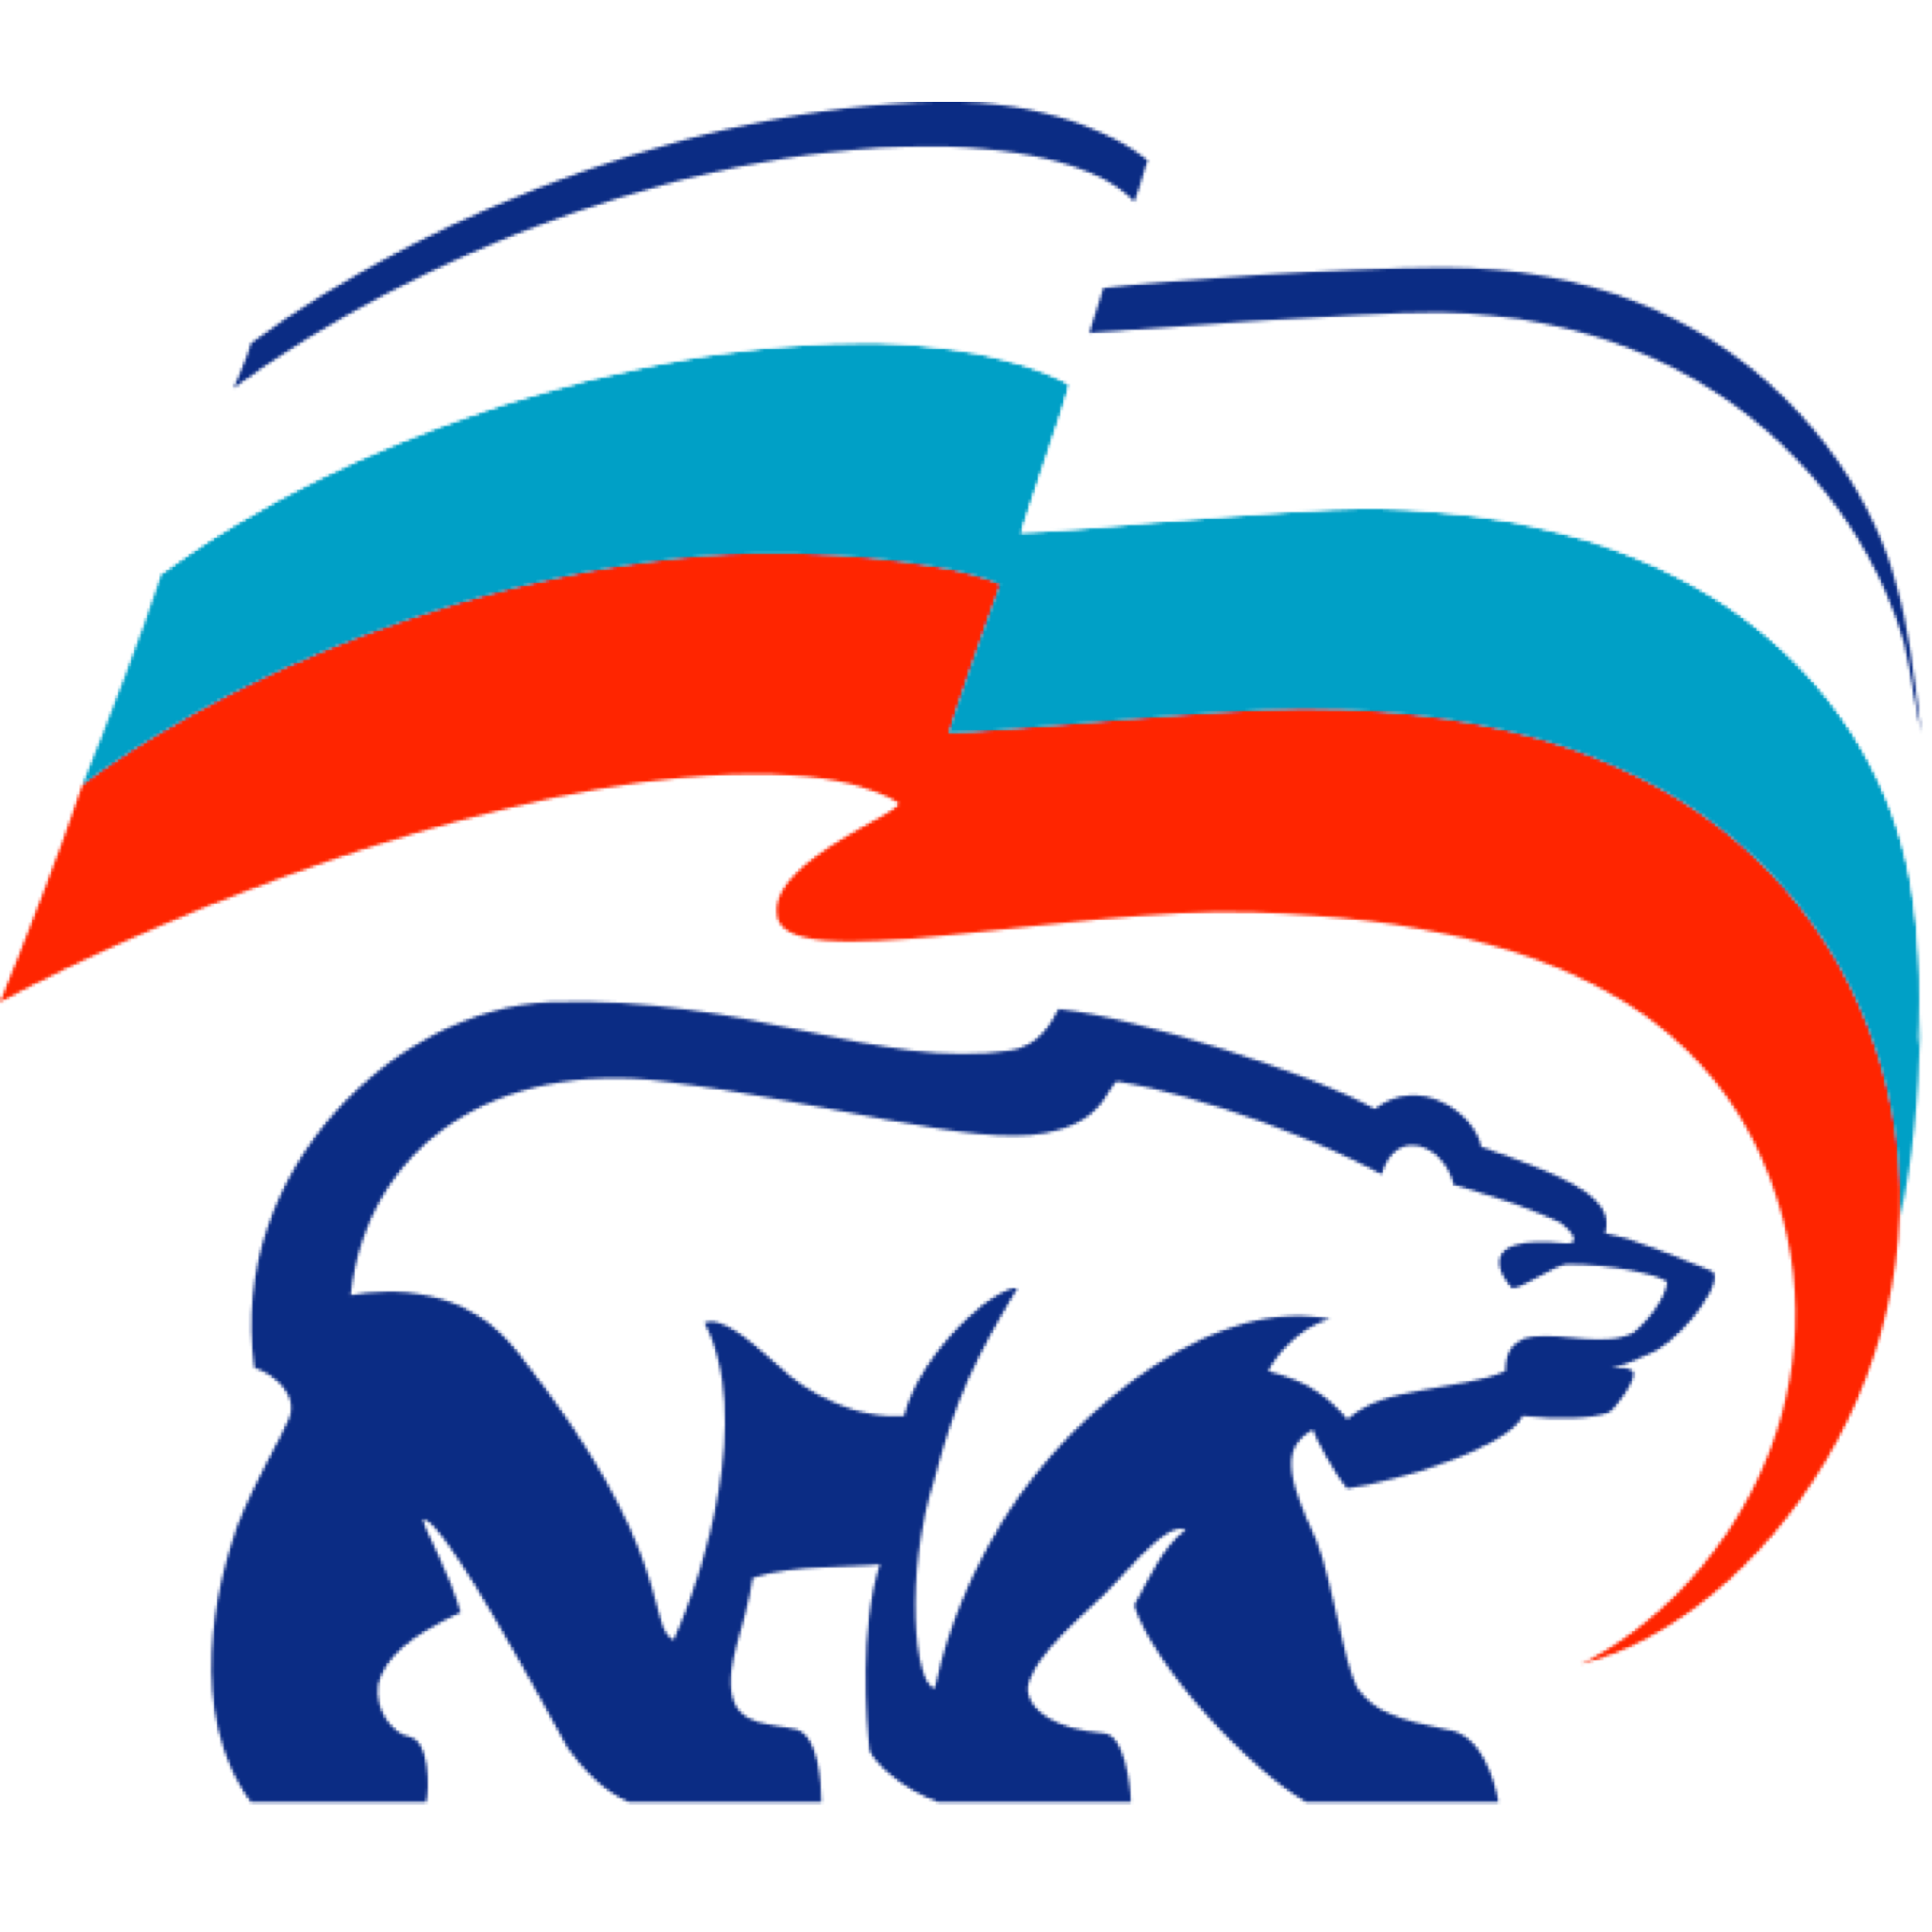 эмблема единой россии картинка расположенное